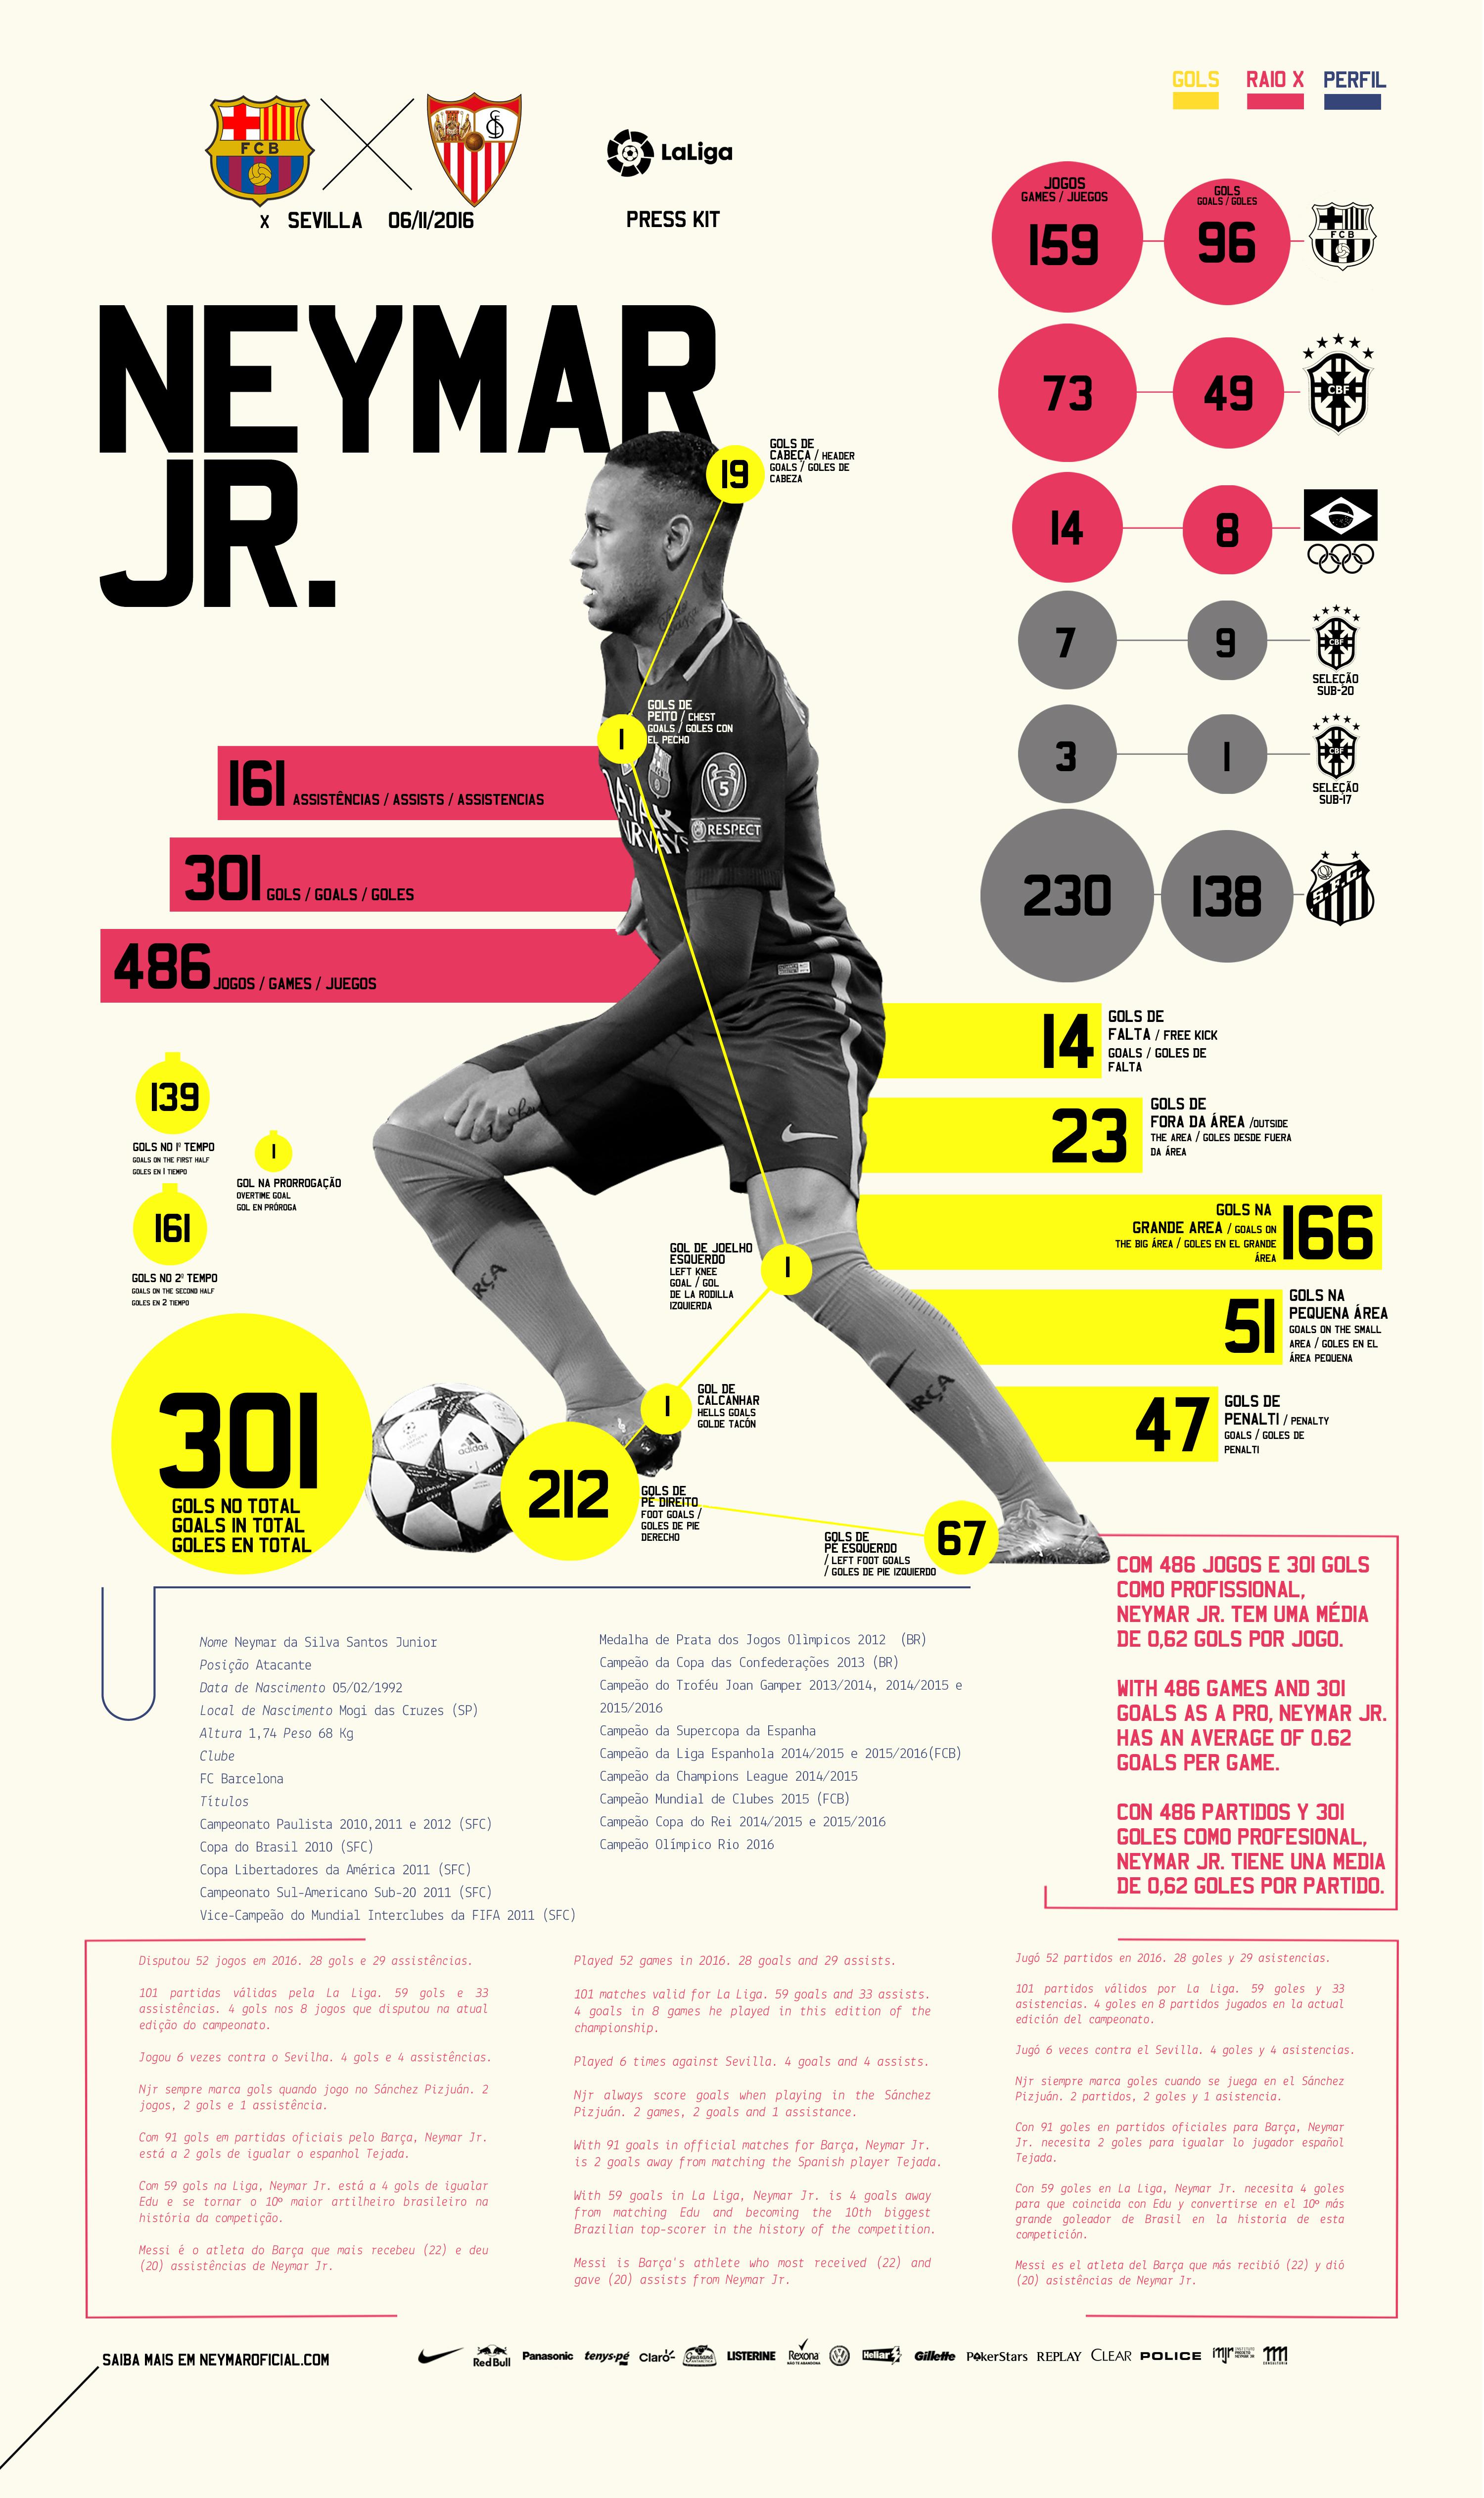 a34eff7c7 Neymar Jr.